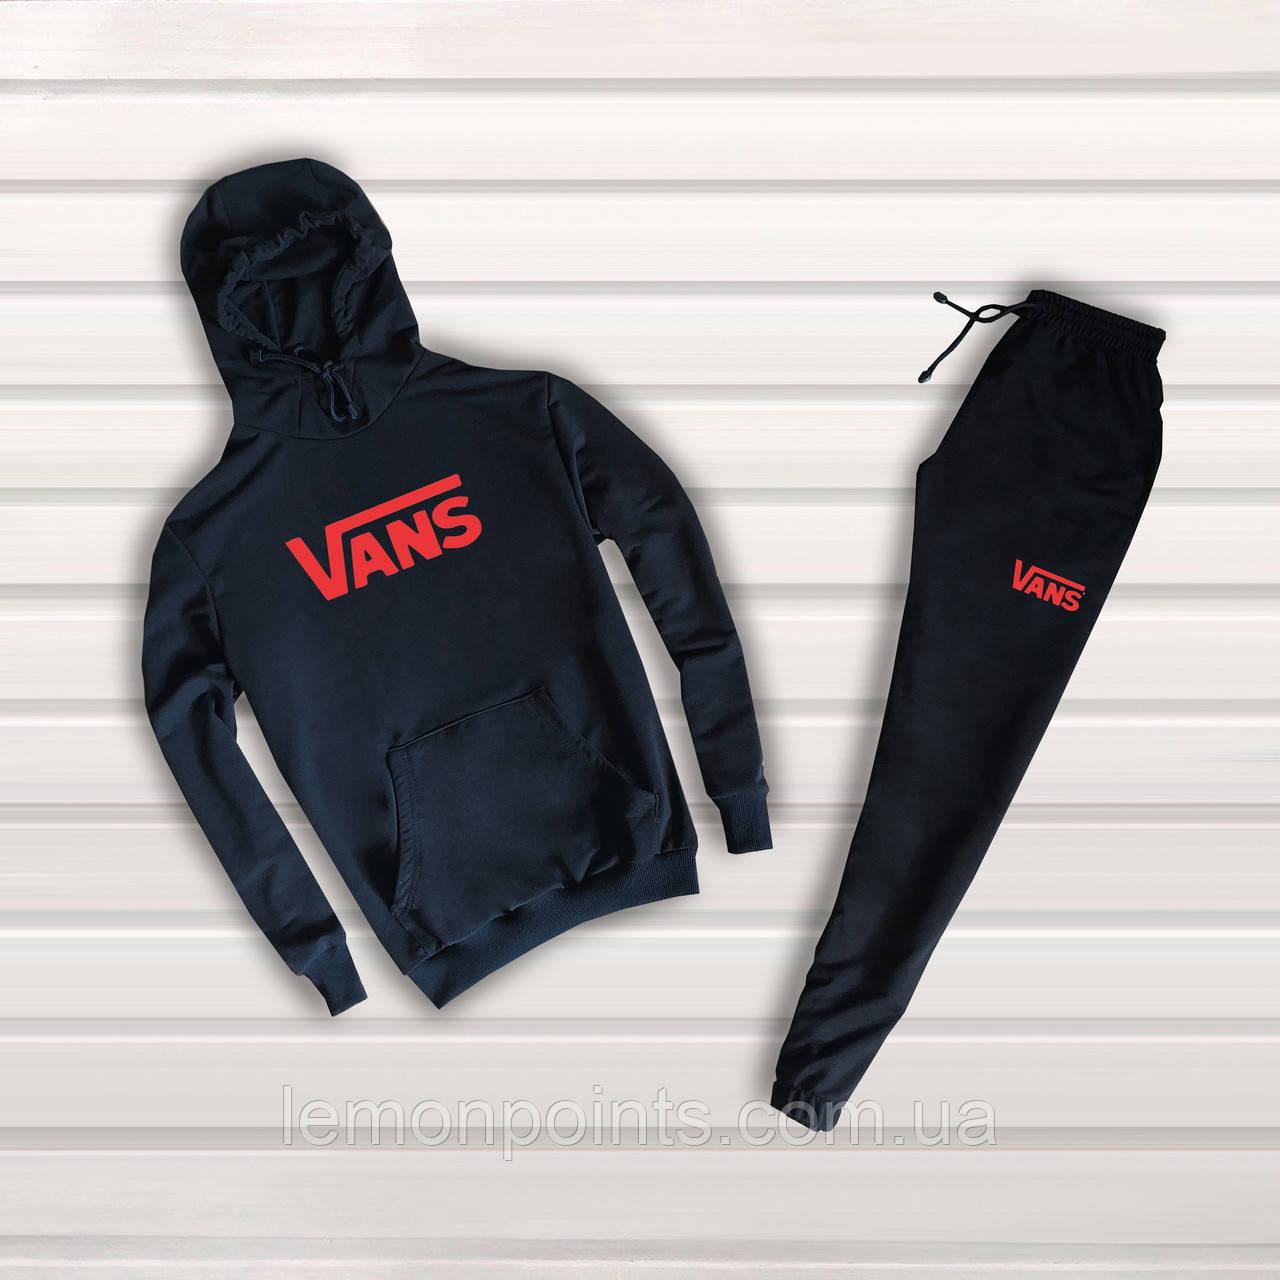 Спортивный костюм (худи+штаны), спортивний костюм Vans S1091, Реплика